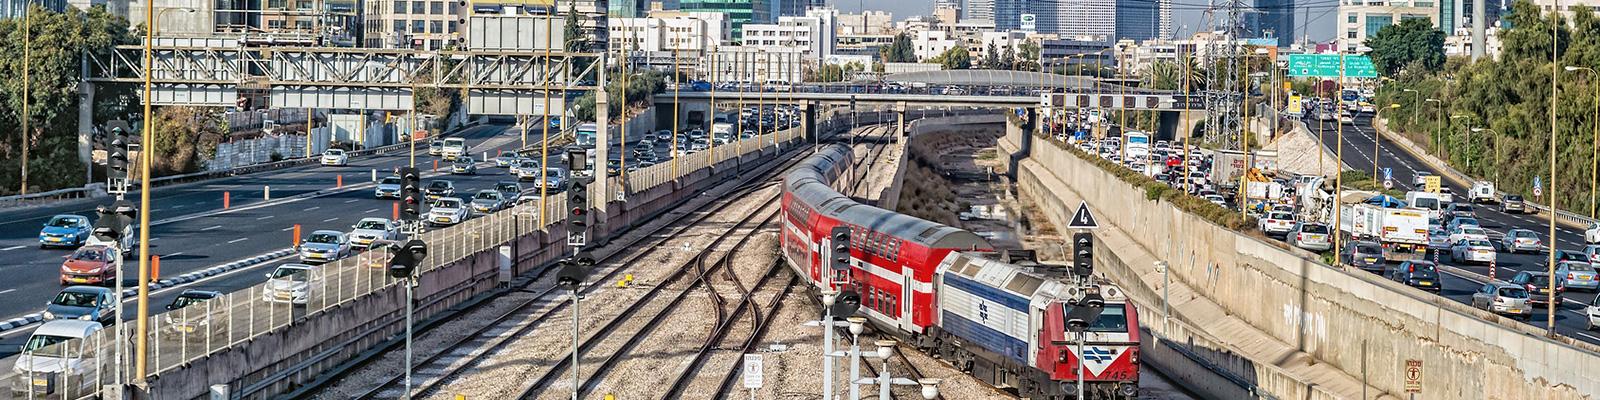 イスラエル 鉄道 交通 イメージ